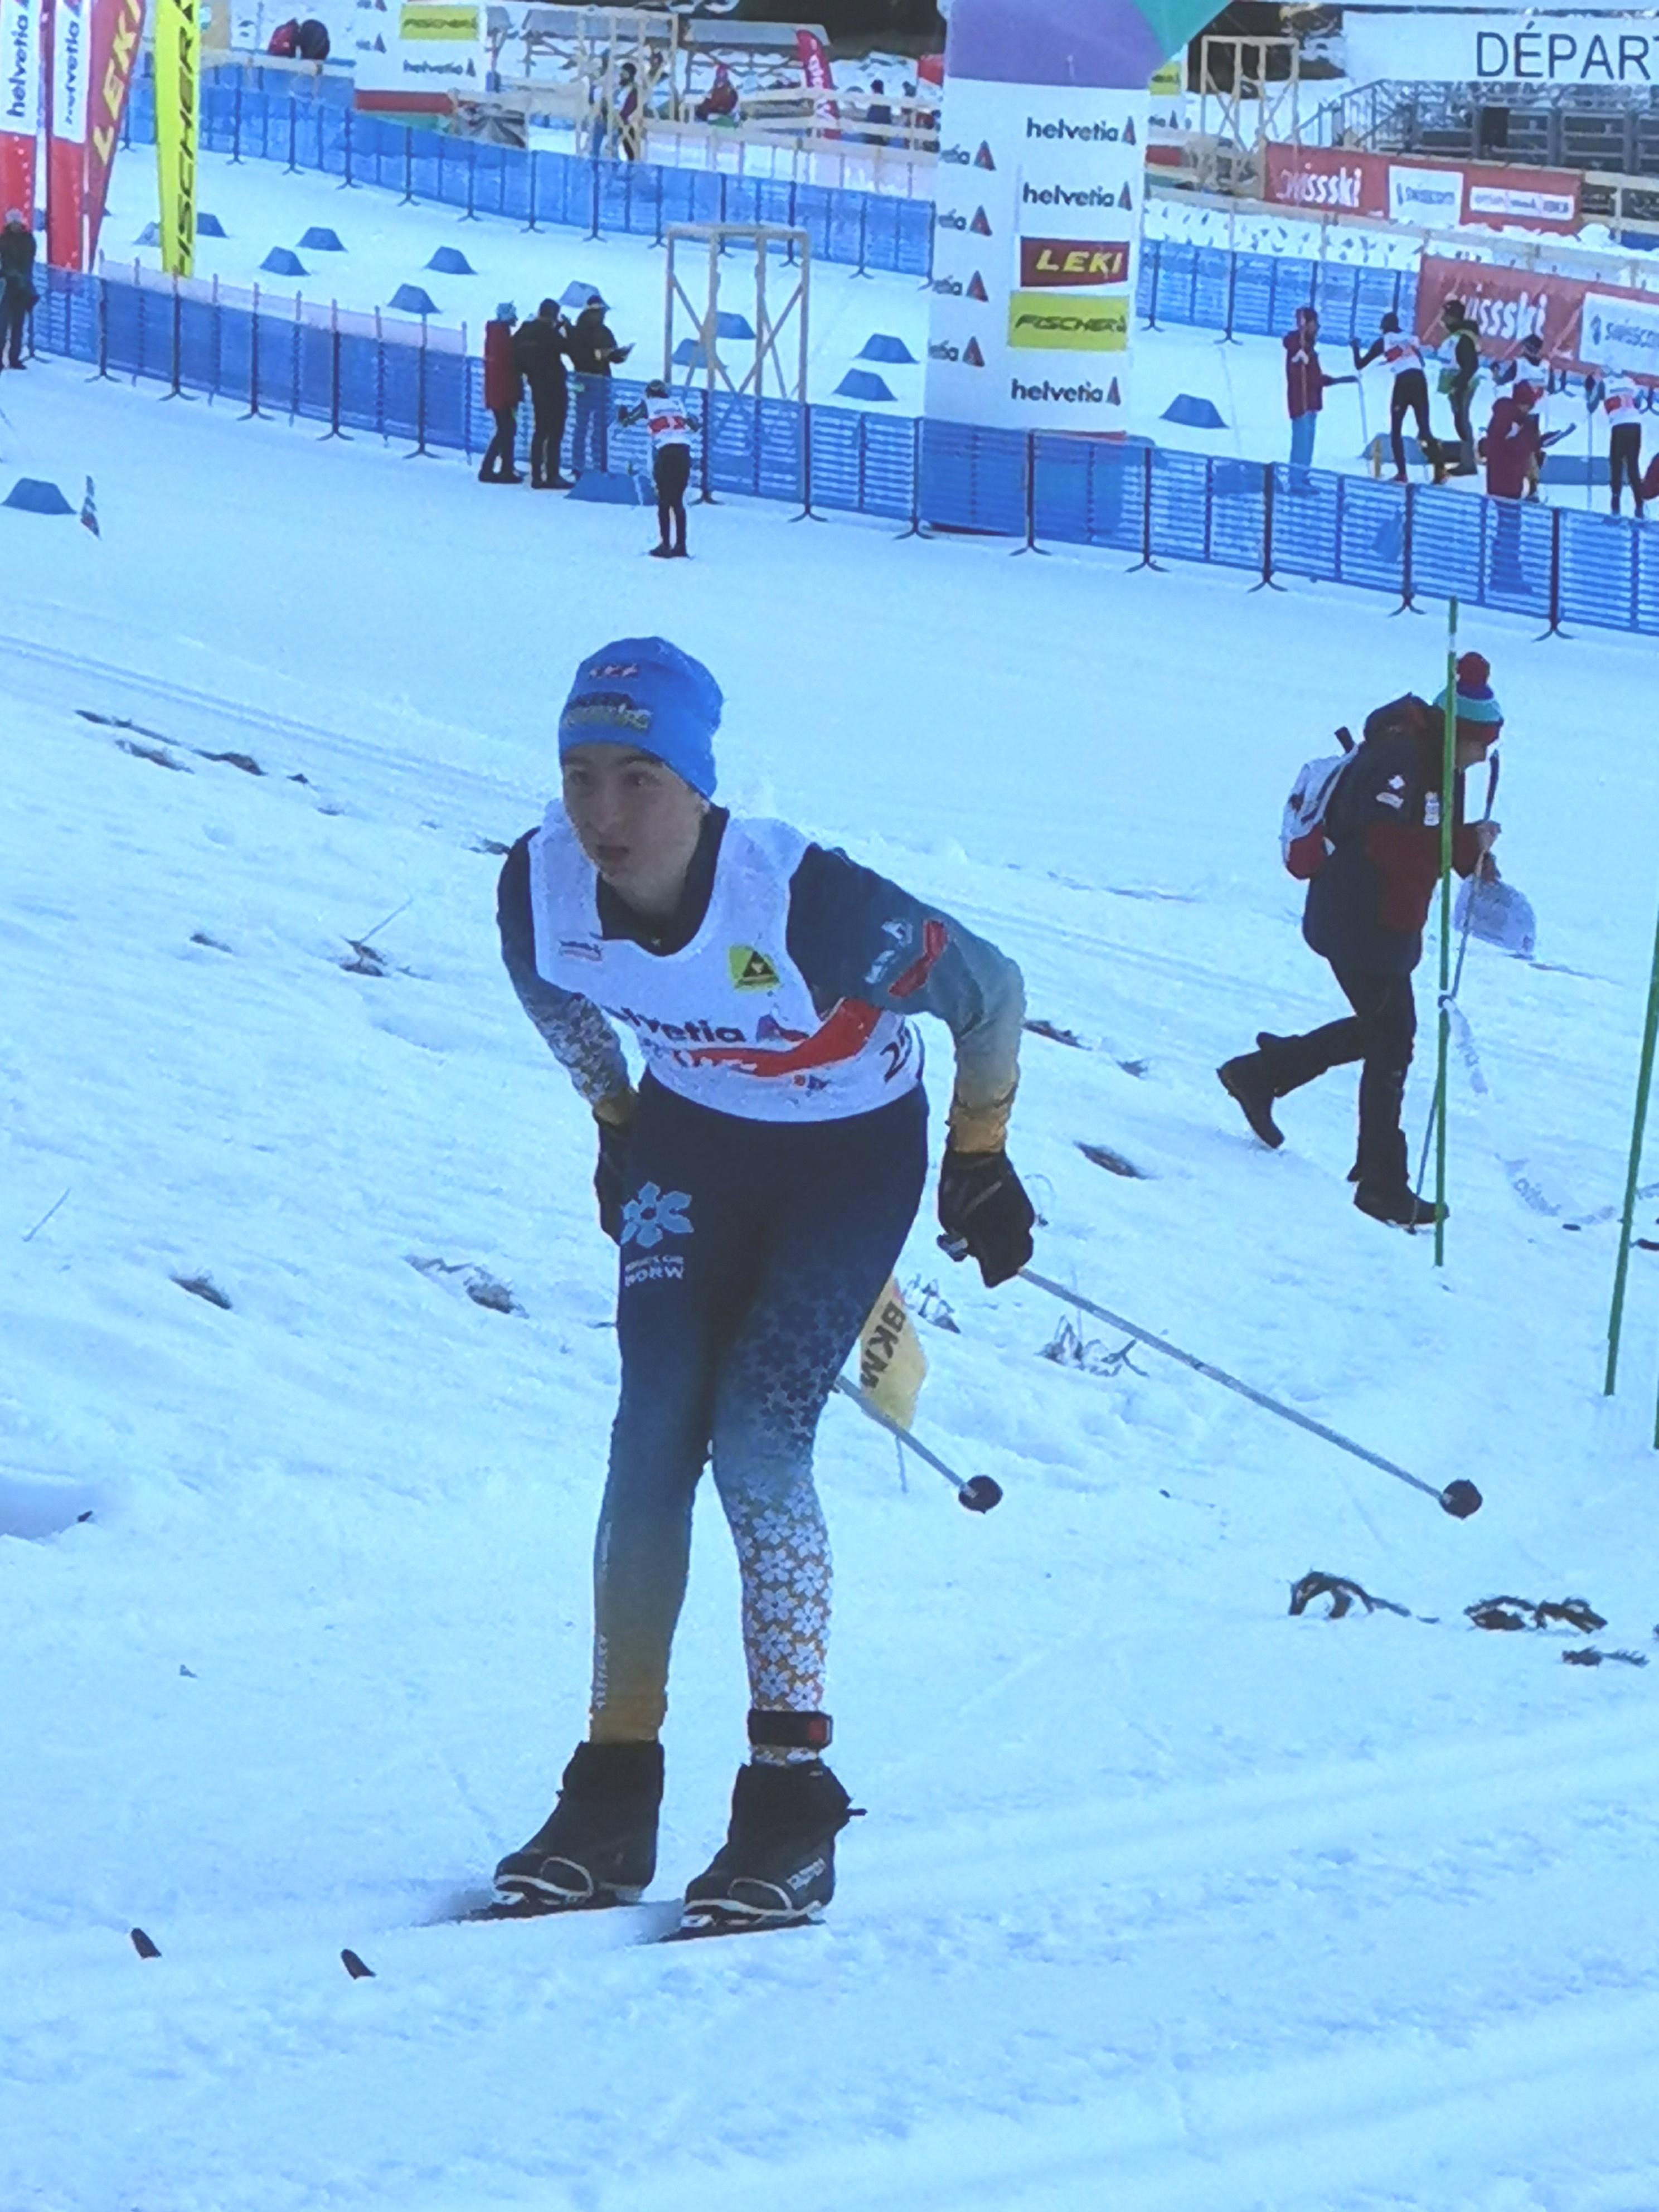 2020.01.12 - HNT-Rennen in Le Brassus